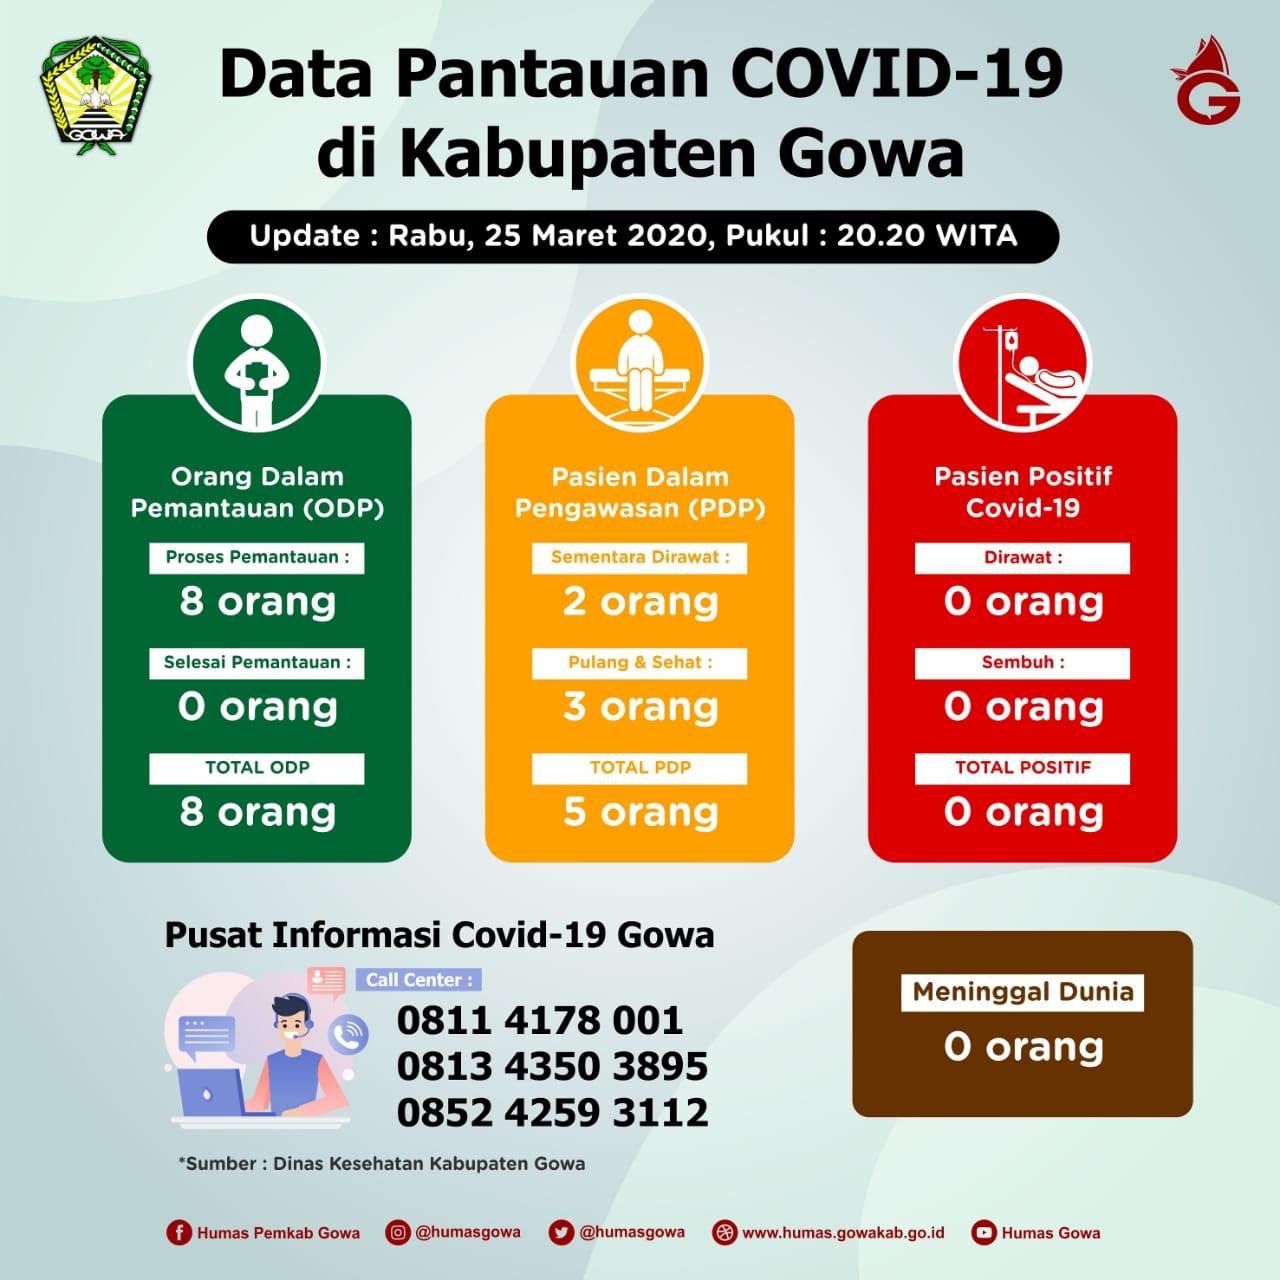 Status Covid-19 di Gowa ODP 8, PDP 5 Orang